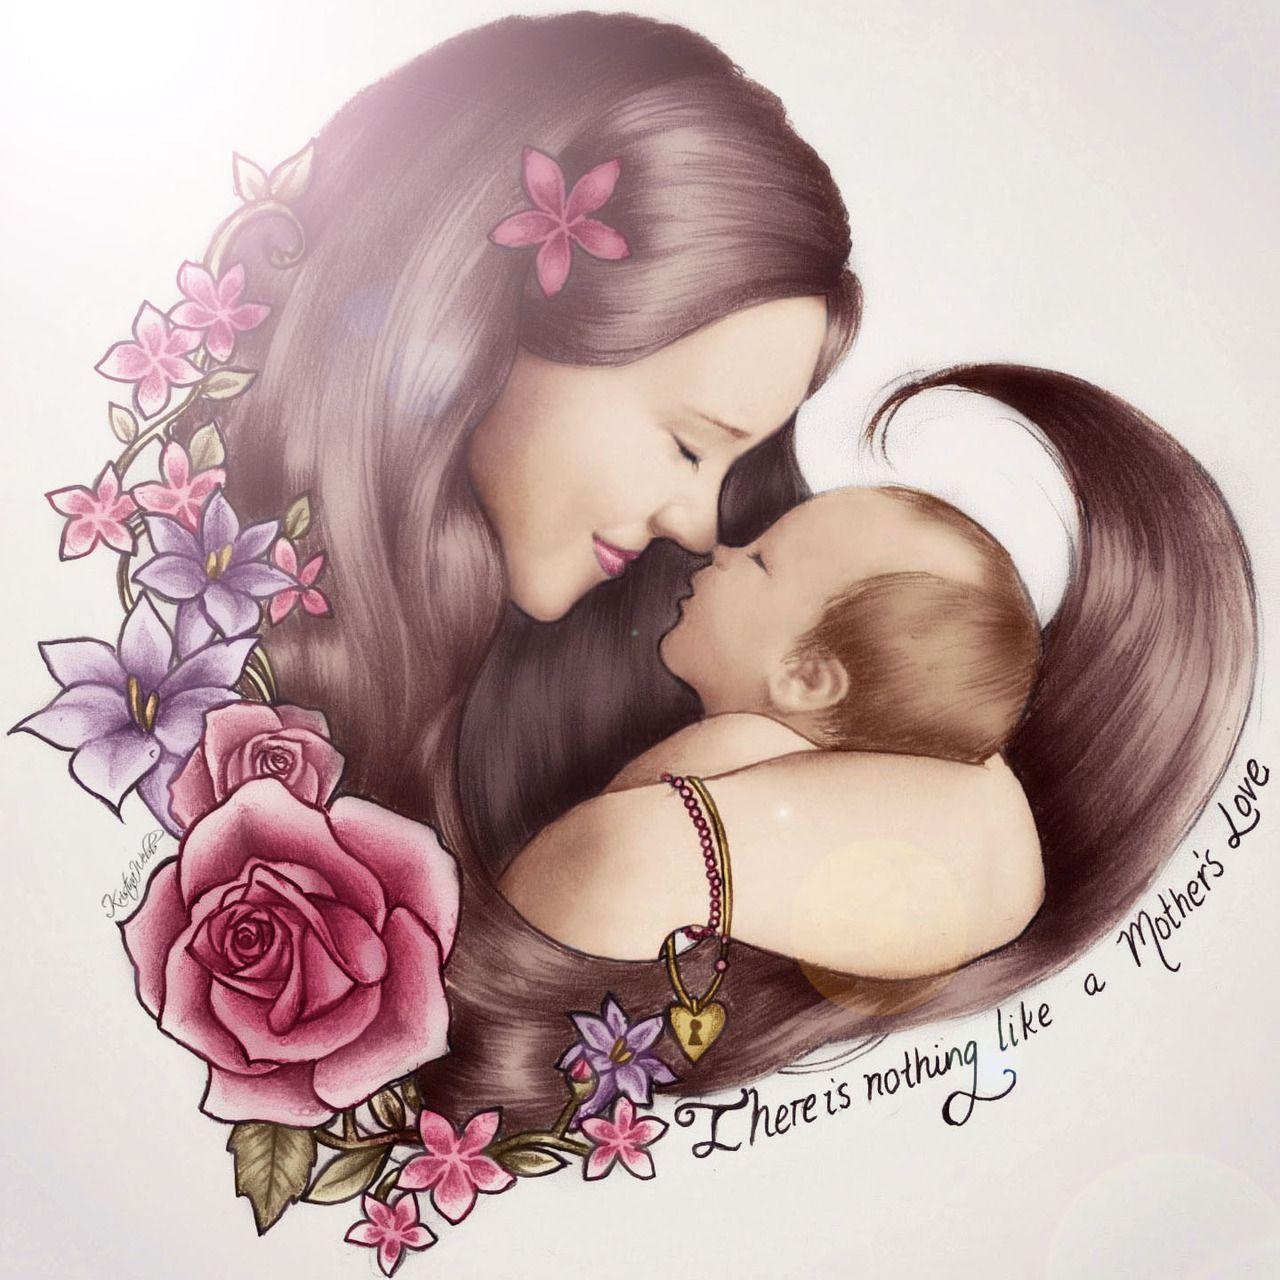 Черепаха кусает, открытка про маму и дочку